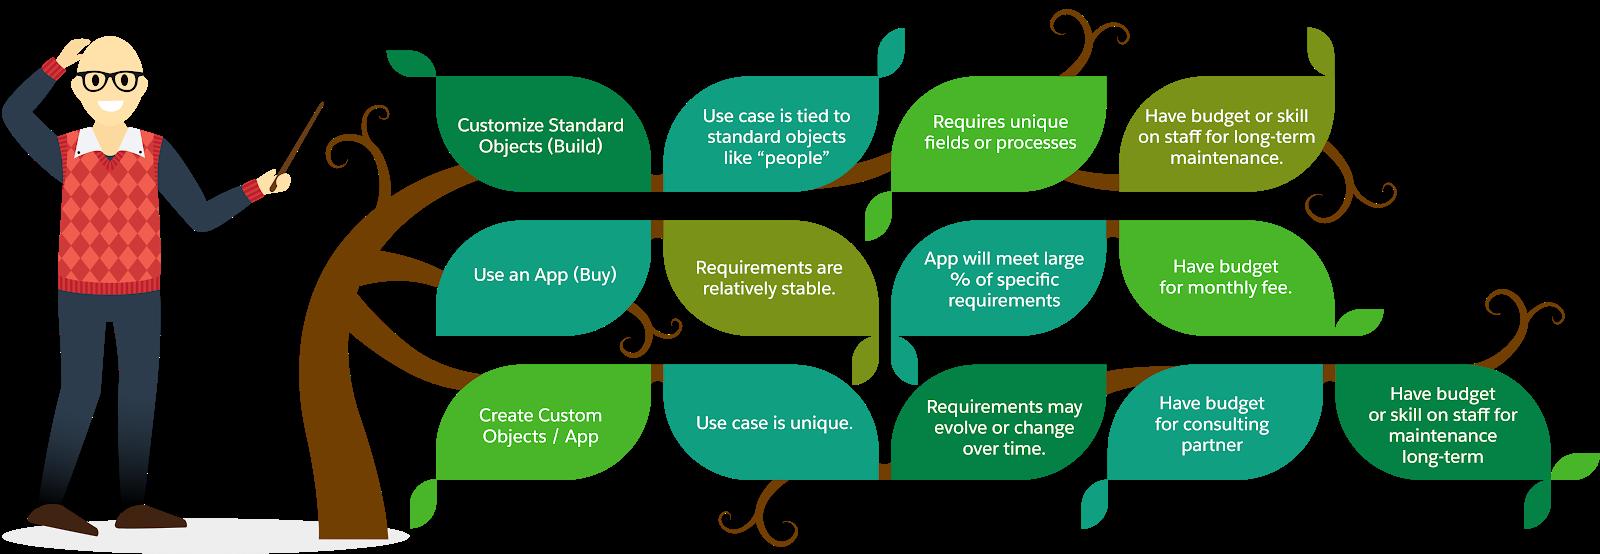 Gorav, l'administrateur Salesforce chez NMH, a créé un arbre de décision pour permettre de déterminer les ressources supplémentaires dont l'équipe a besoin.